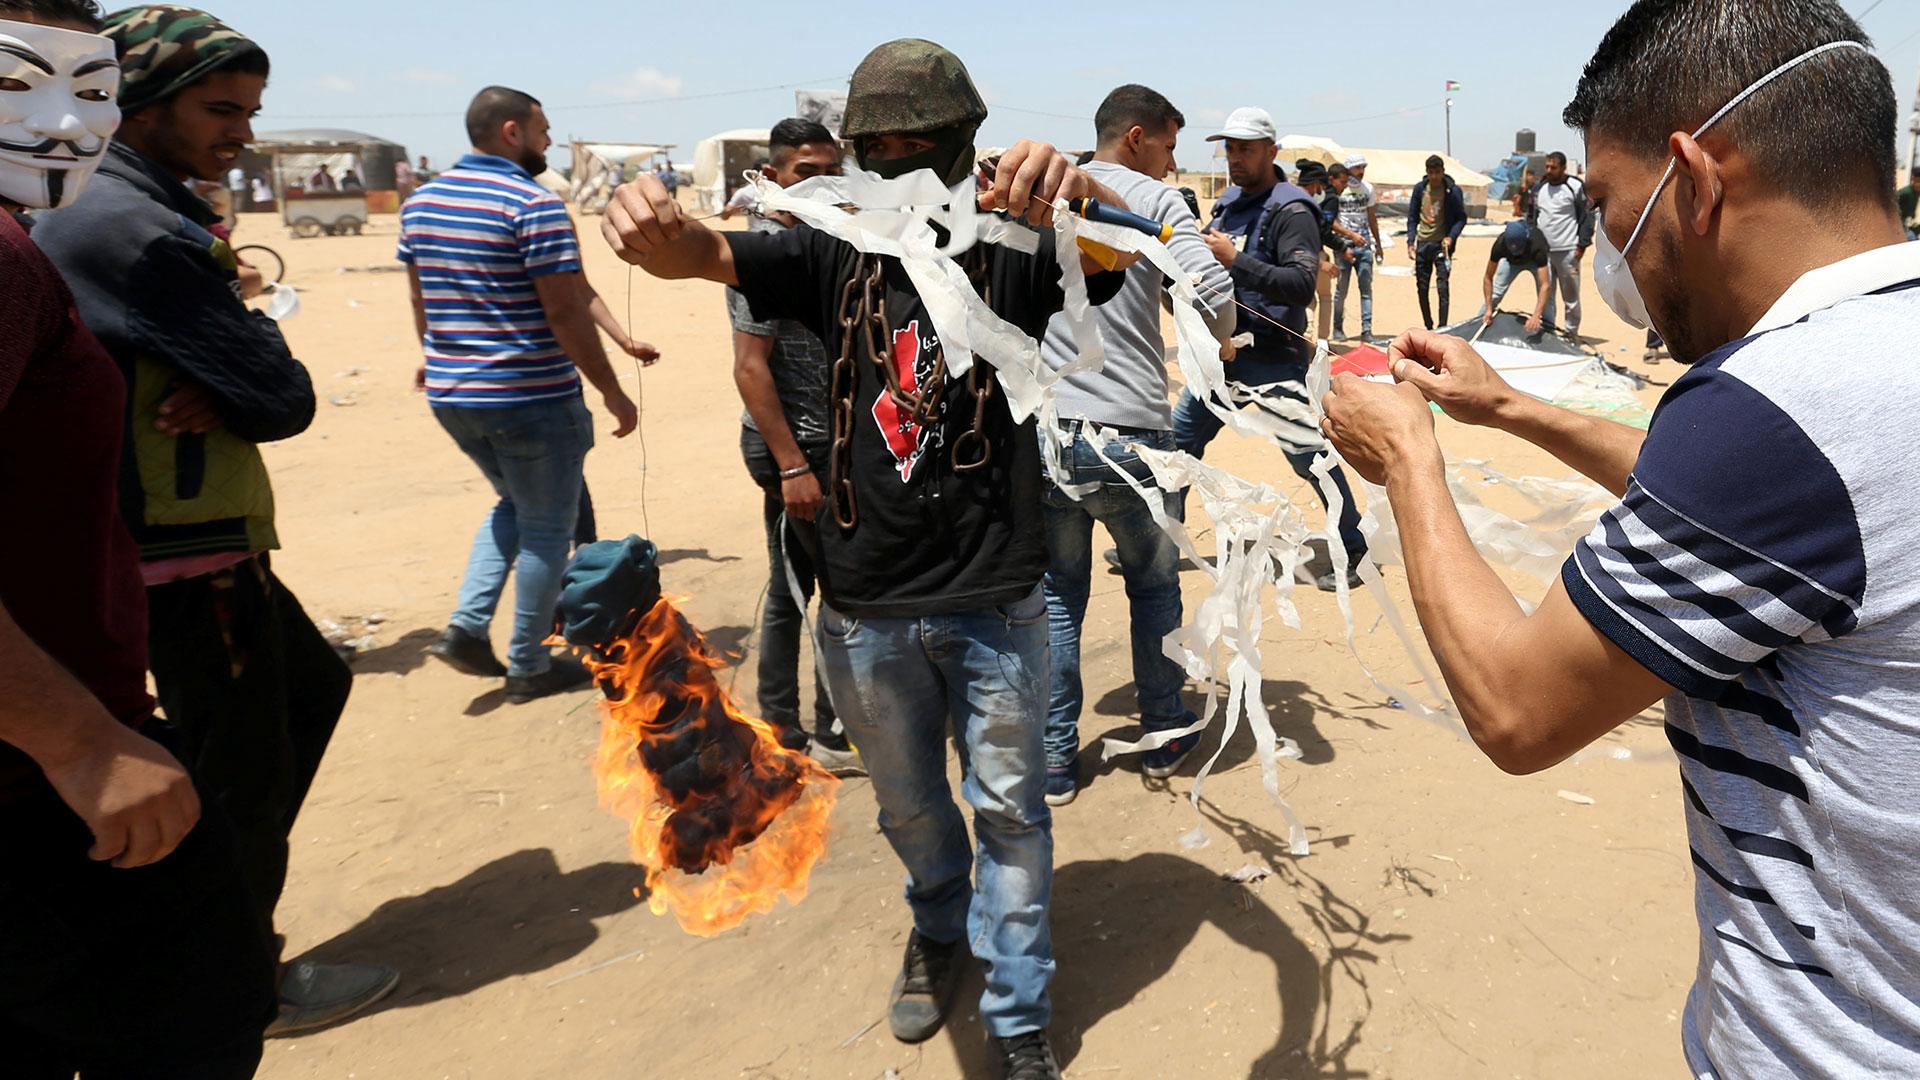 Las protestas y la violencia en la frontera entre Gaza e Israel vienen en alza (Reuters)